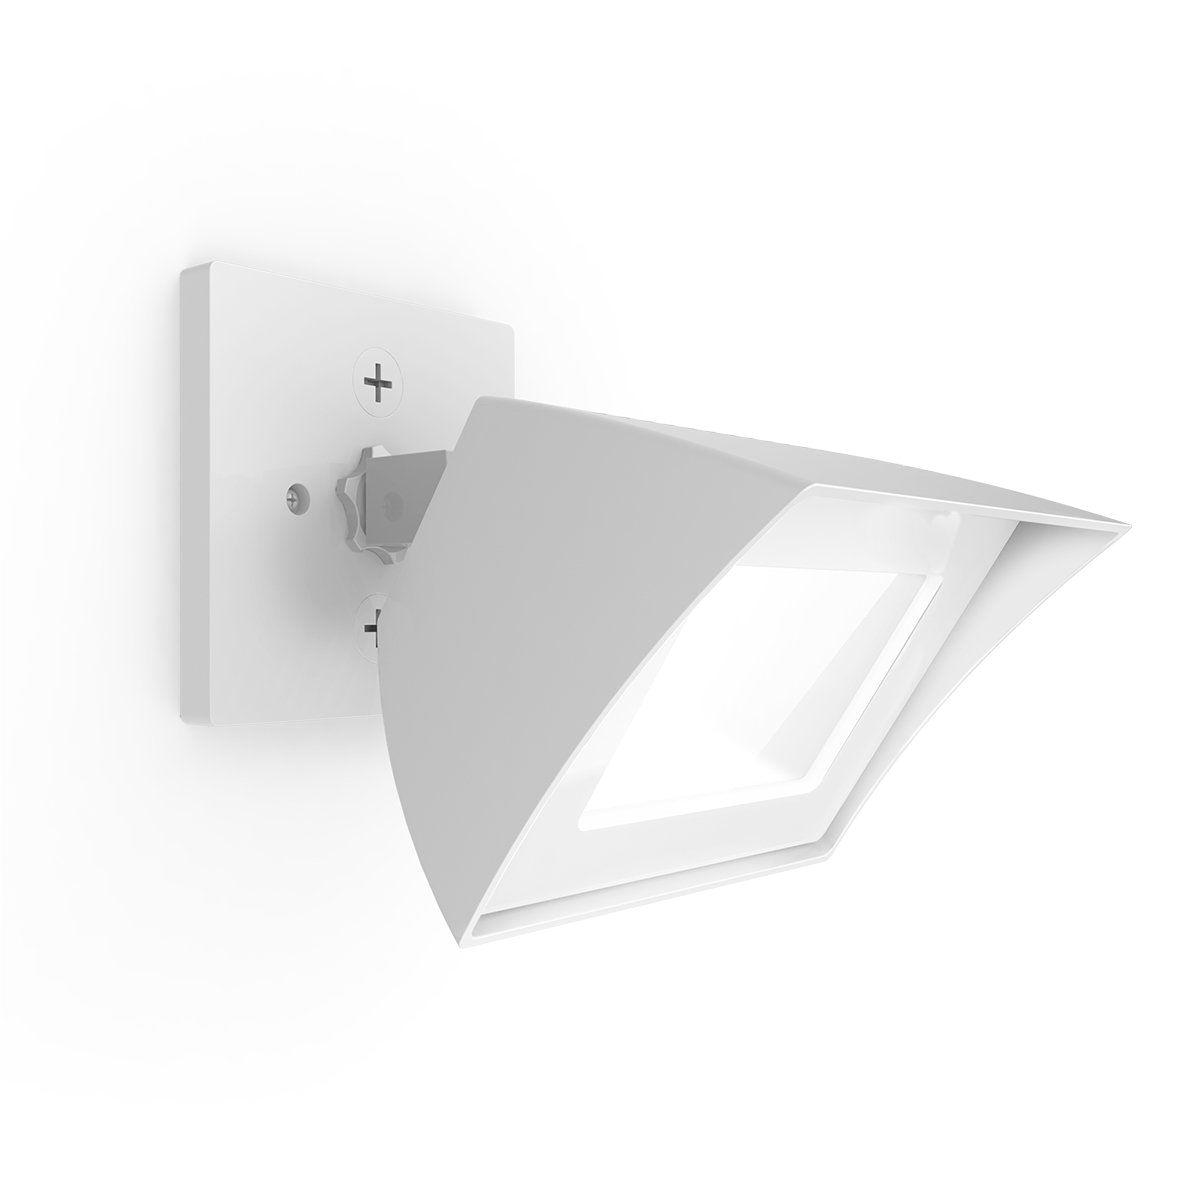 lf 10 flood lights x 4 wac lighting wp led335 30 house lightingindoor